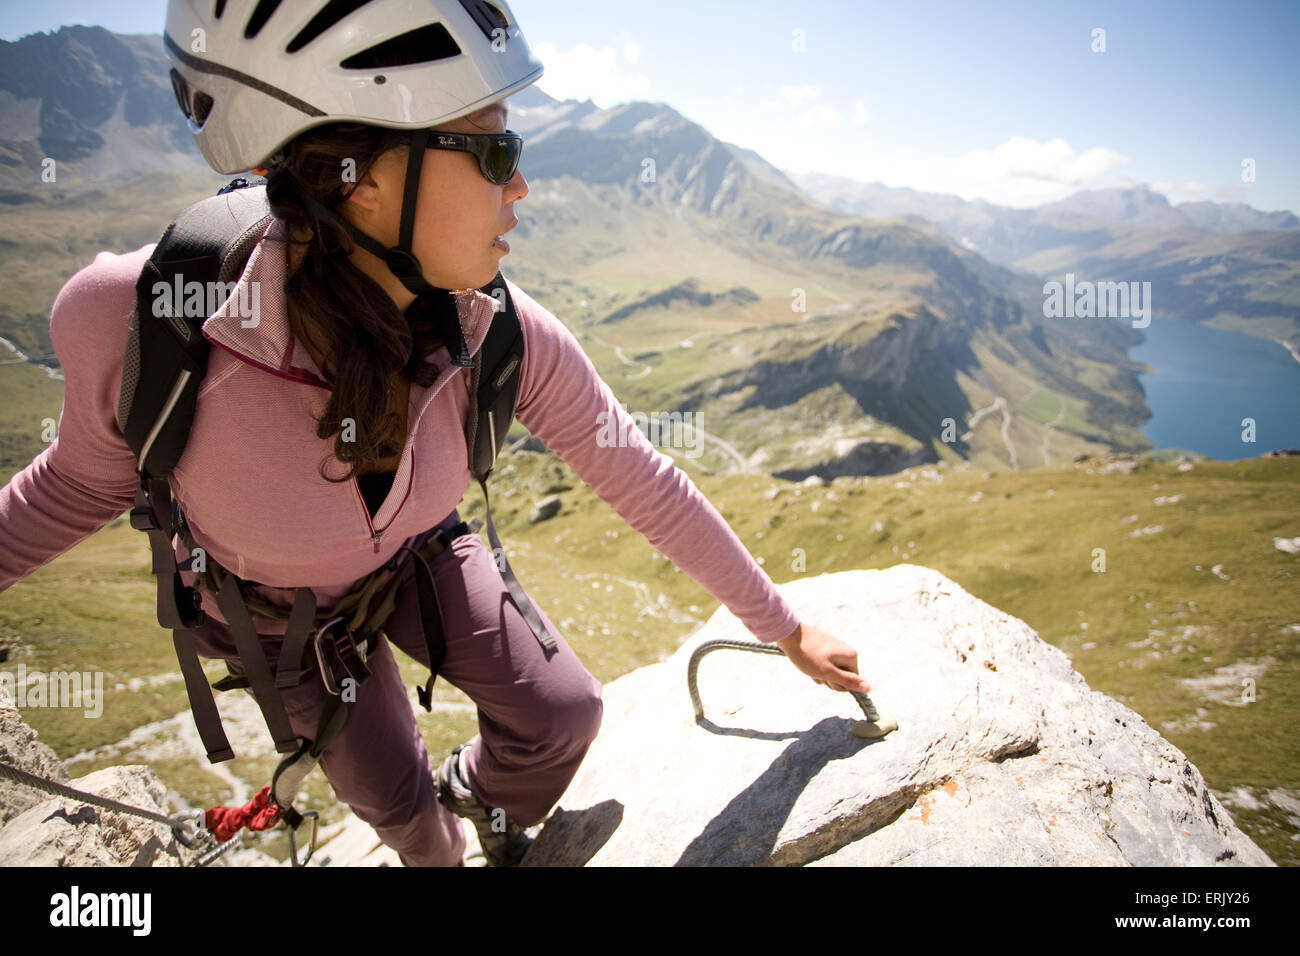 Una giovane donna prende un momento per godersi il paesaggio mentre l'impegno nello sport della Via Ferrata Immagini Stock